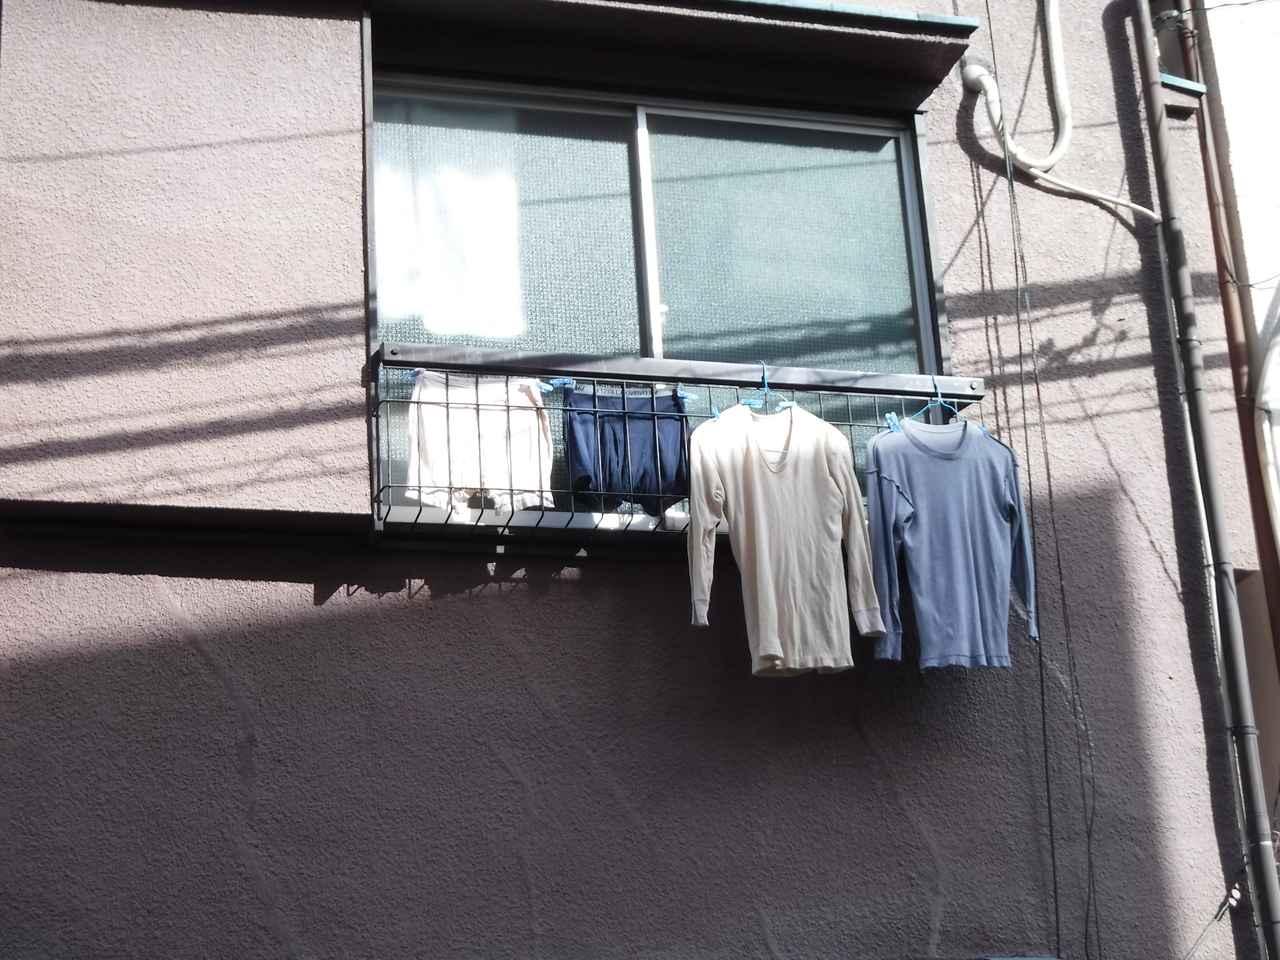 画像: なぜか浅草下車~入谷~上野方面。ポケットにカメラを入れ、好きな時に取り出すのは実に楽チン。ちなみに電車の中ではケース等には入れず、カバンに放り投げてるだけ。全天候型カメラの特権。